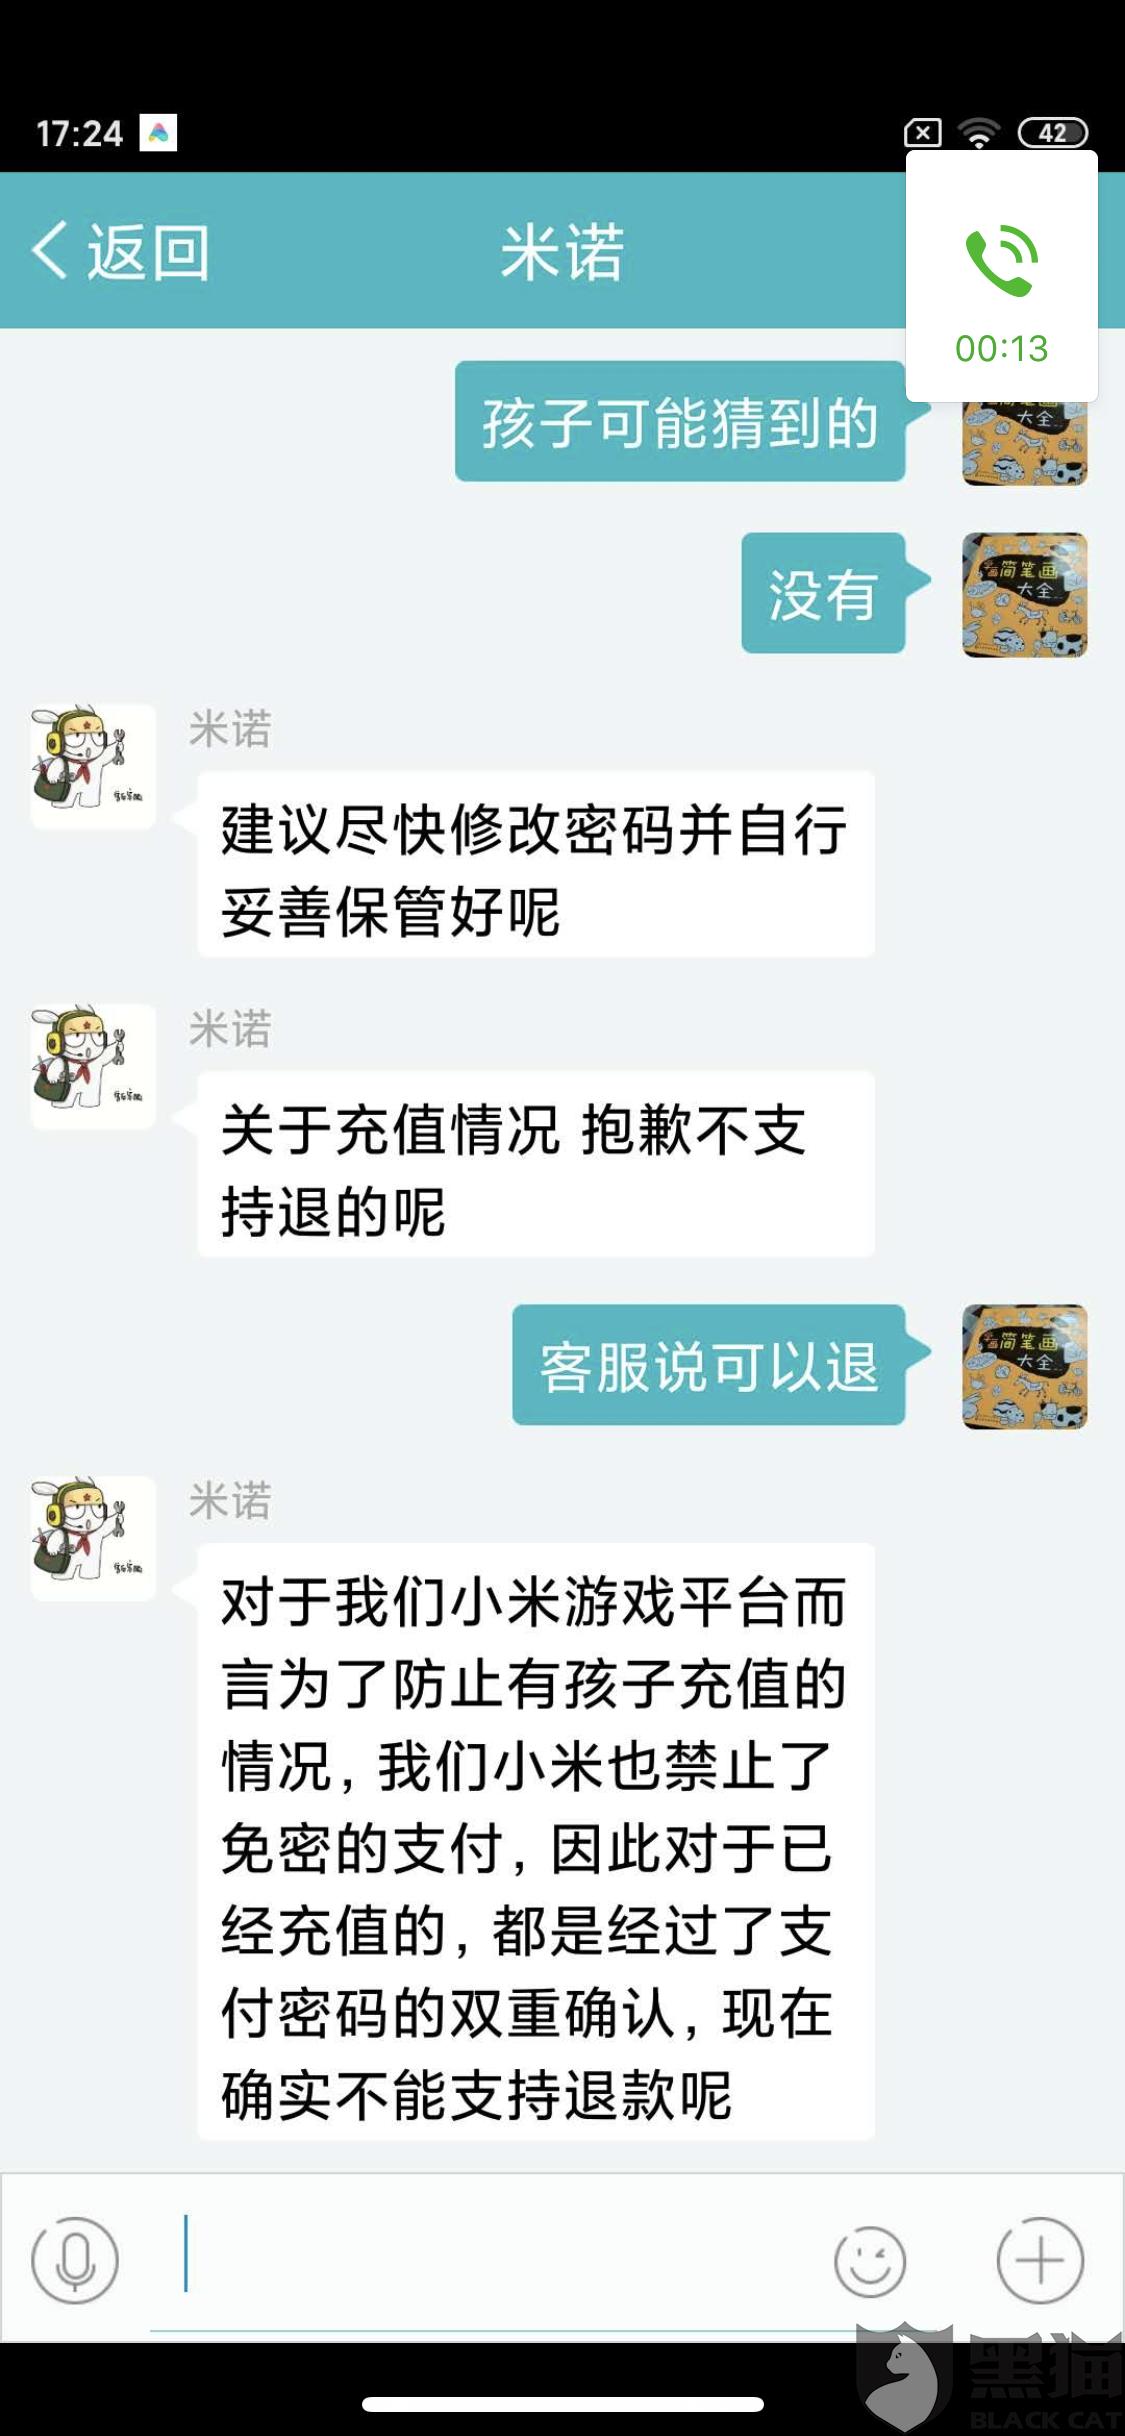 黑猫投诉:北京小米科技有限公司与下属游戏公司,诱导未成年充值游戏拒不退款